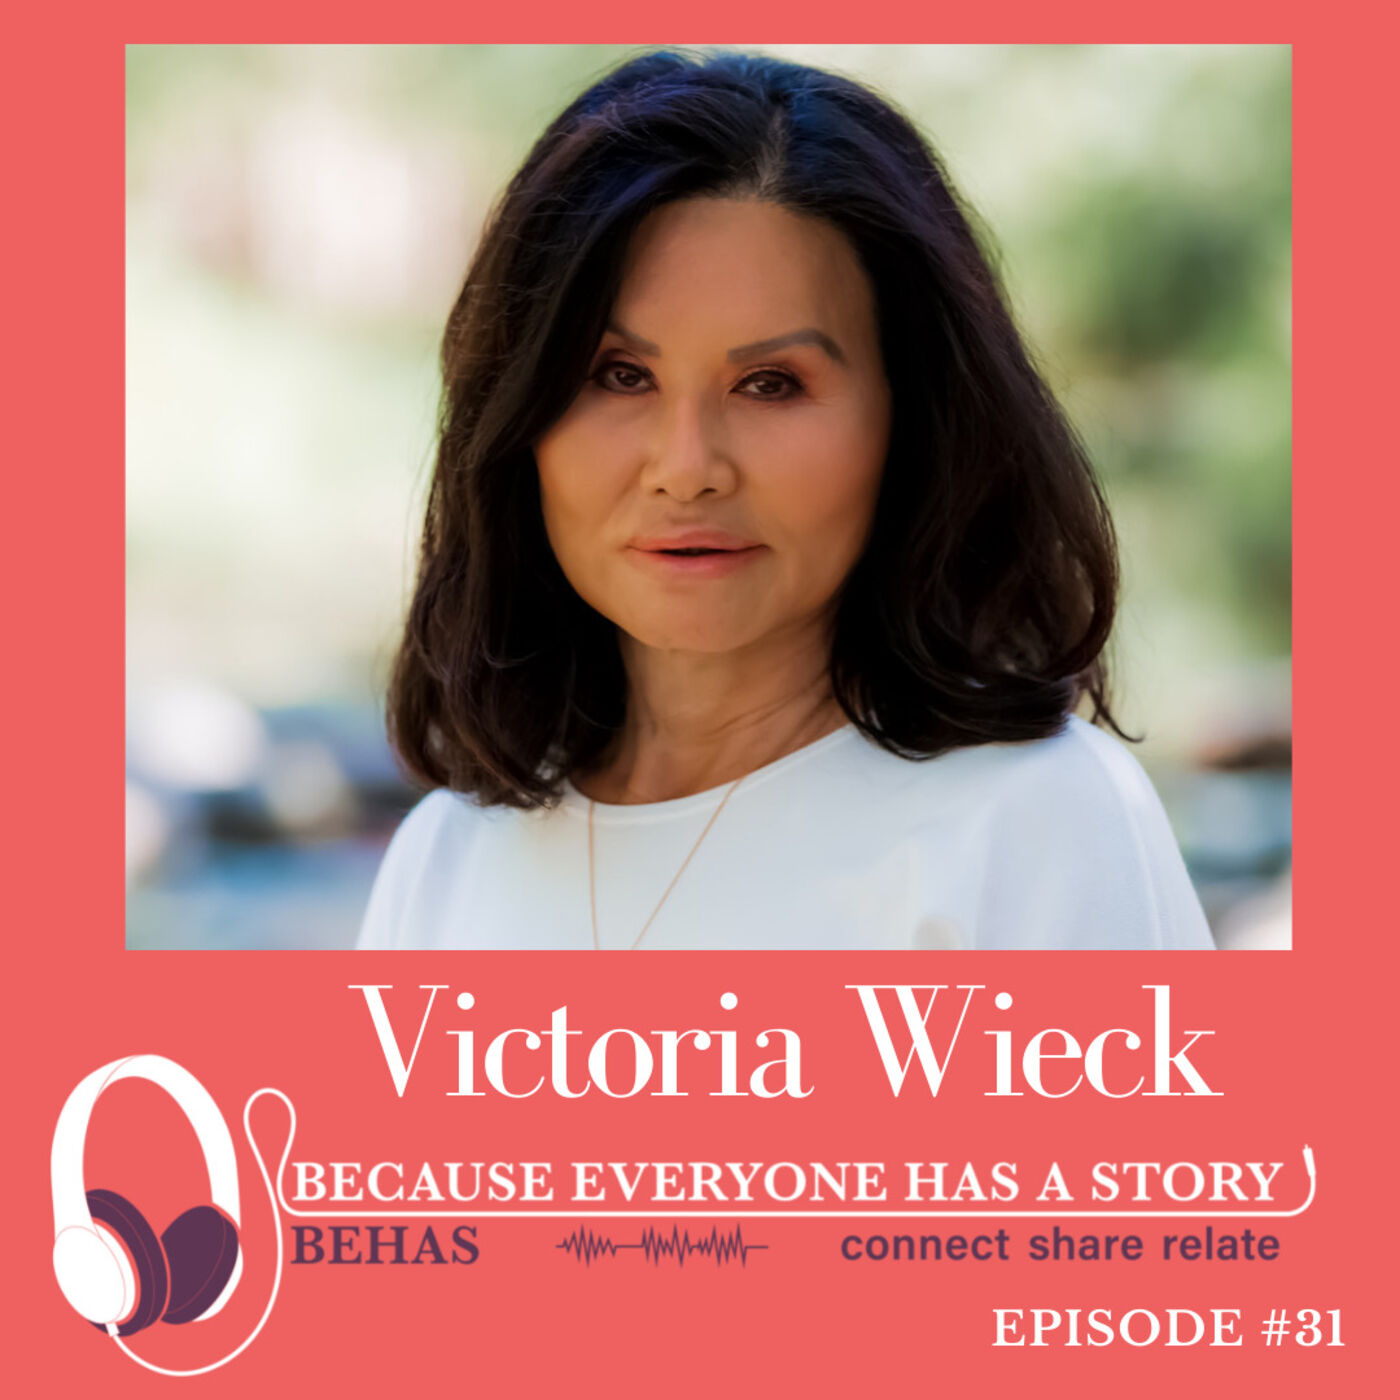 #31 A Successful Jewelry Designer's Path - Victoria Wieck